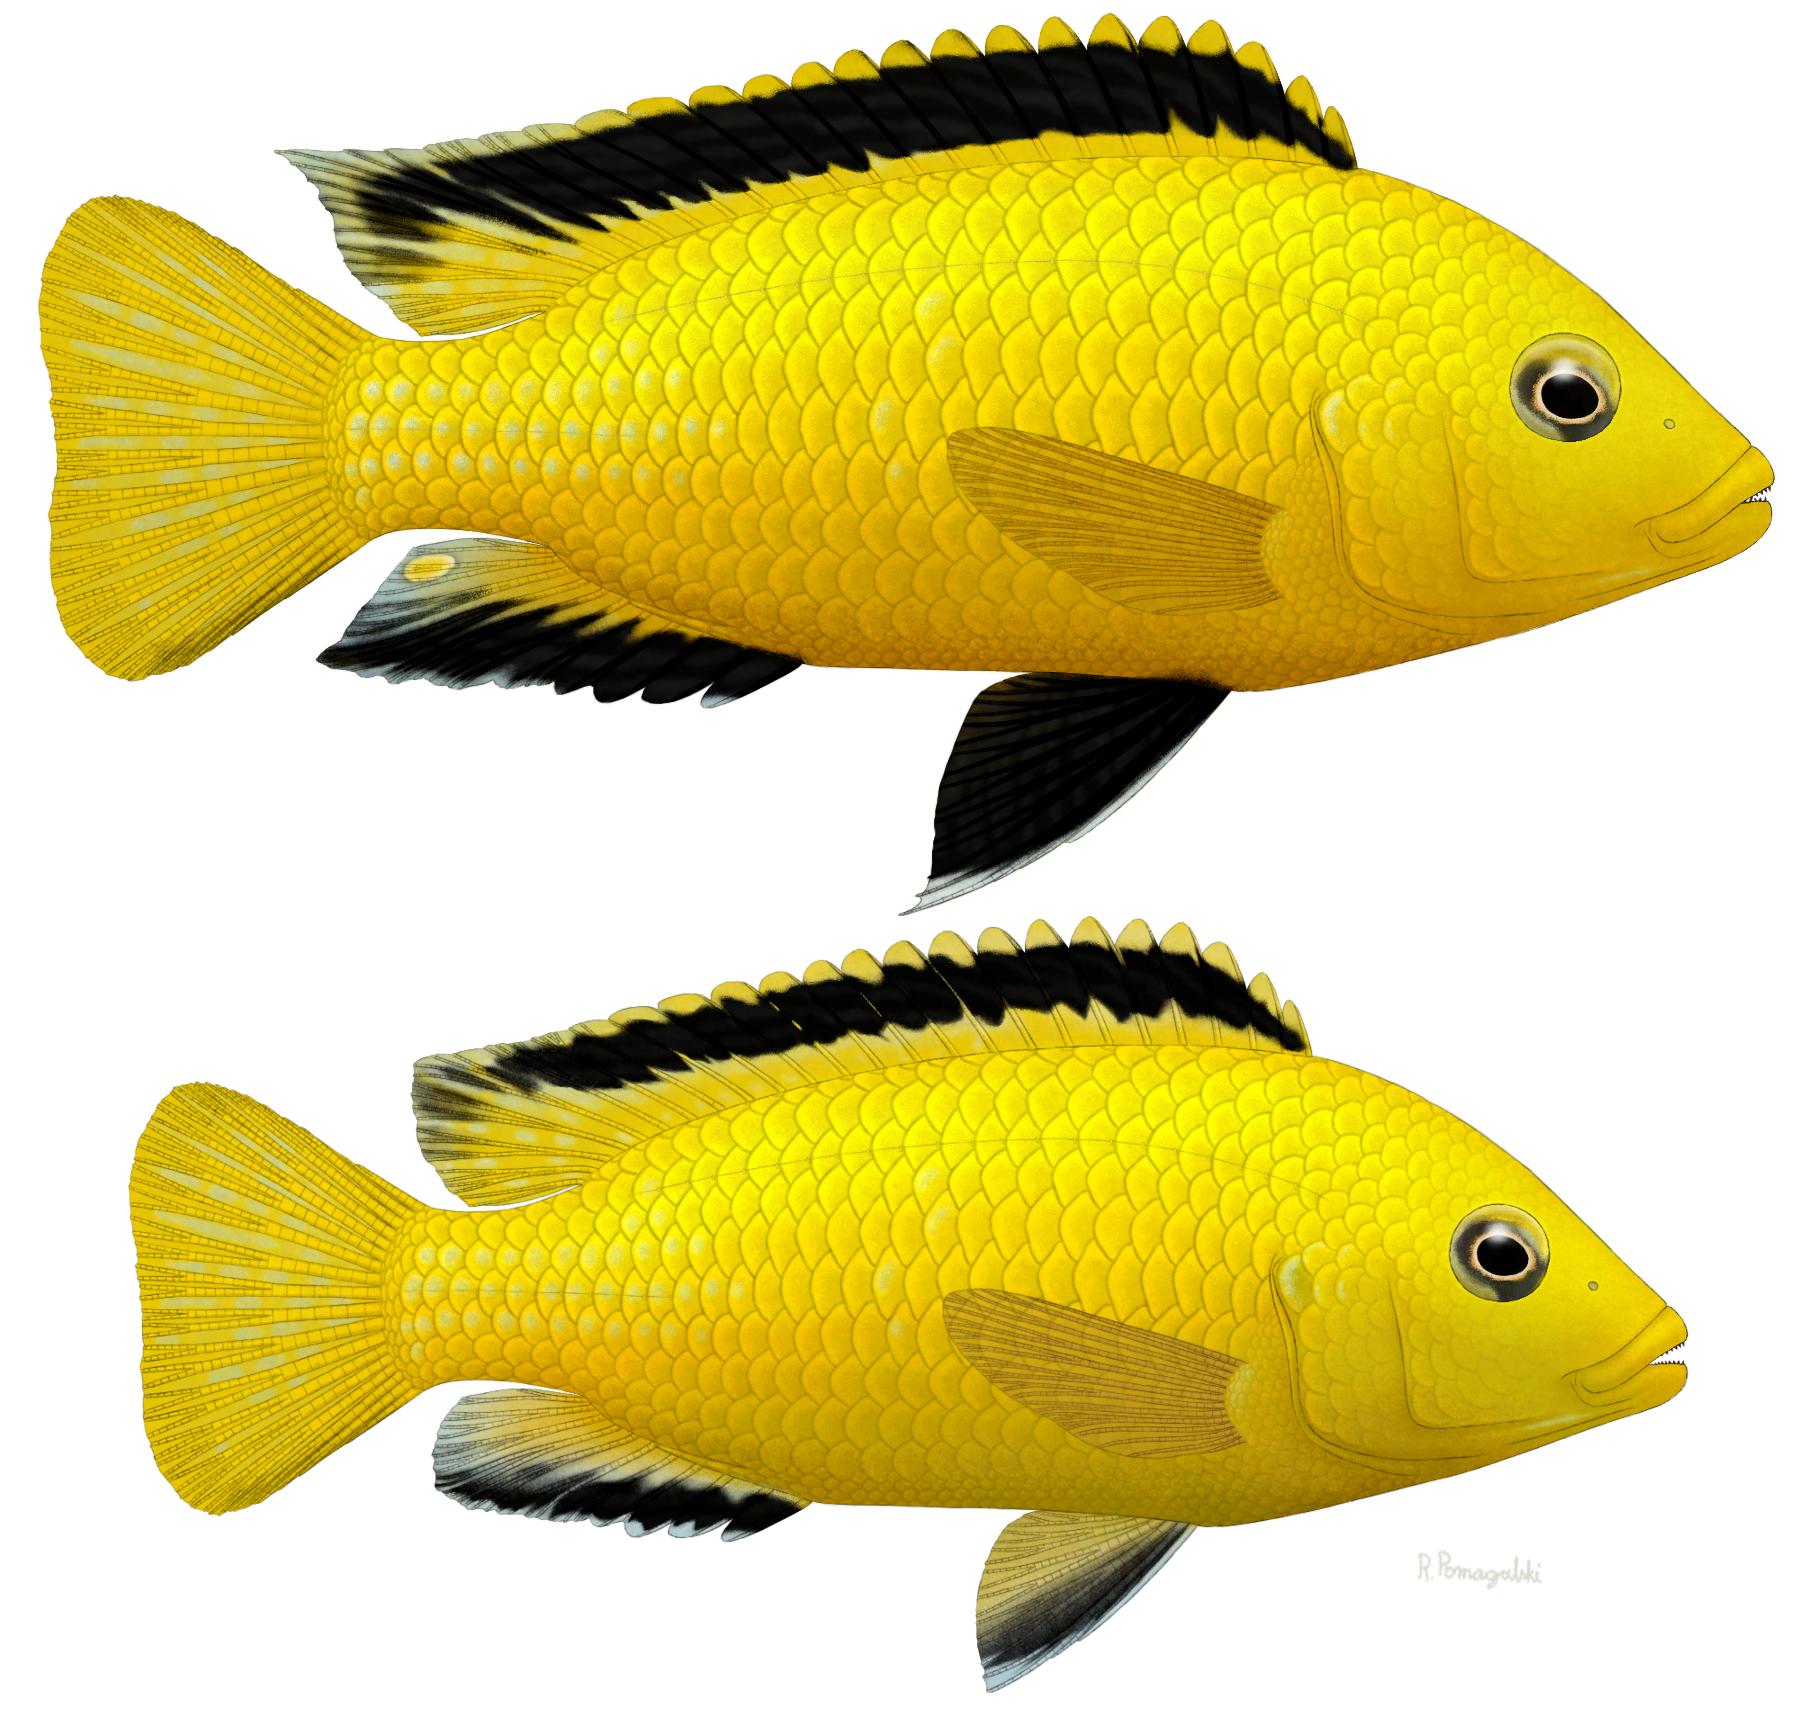 Labidochromis caeruleus by Preradkor on DeviantArt  Labidochromis c...